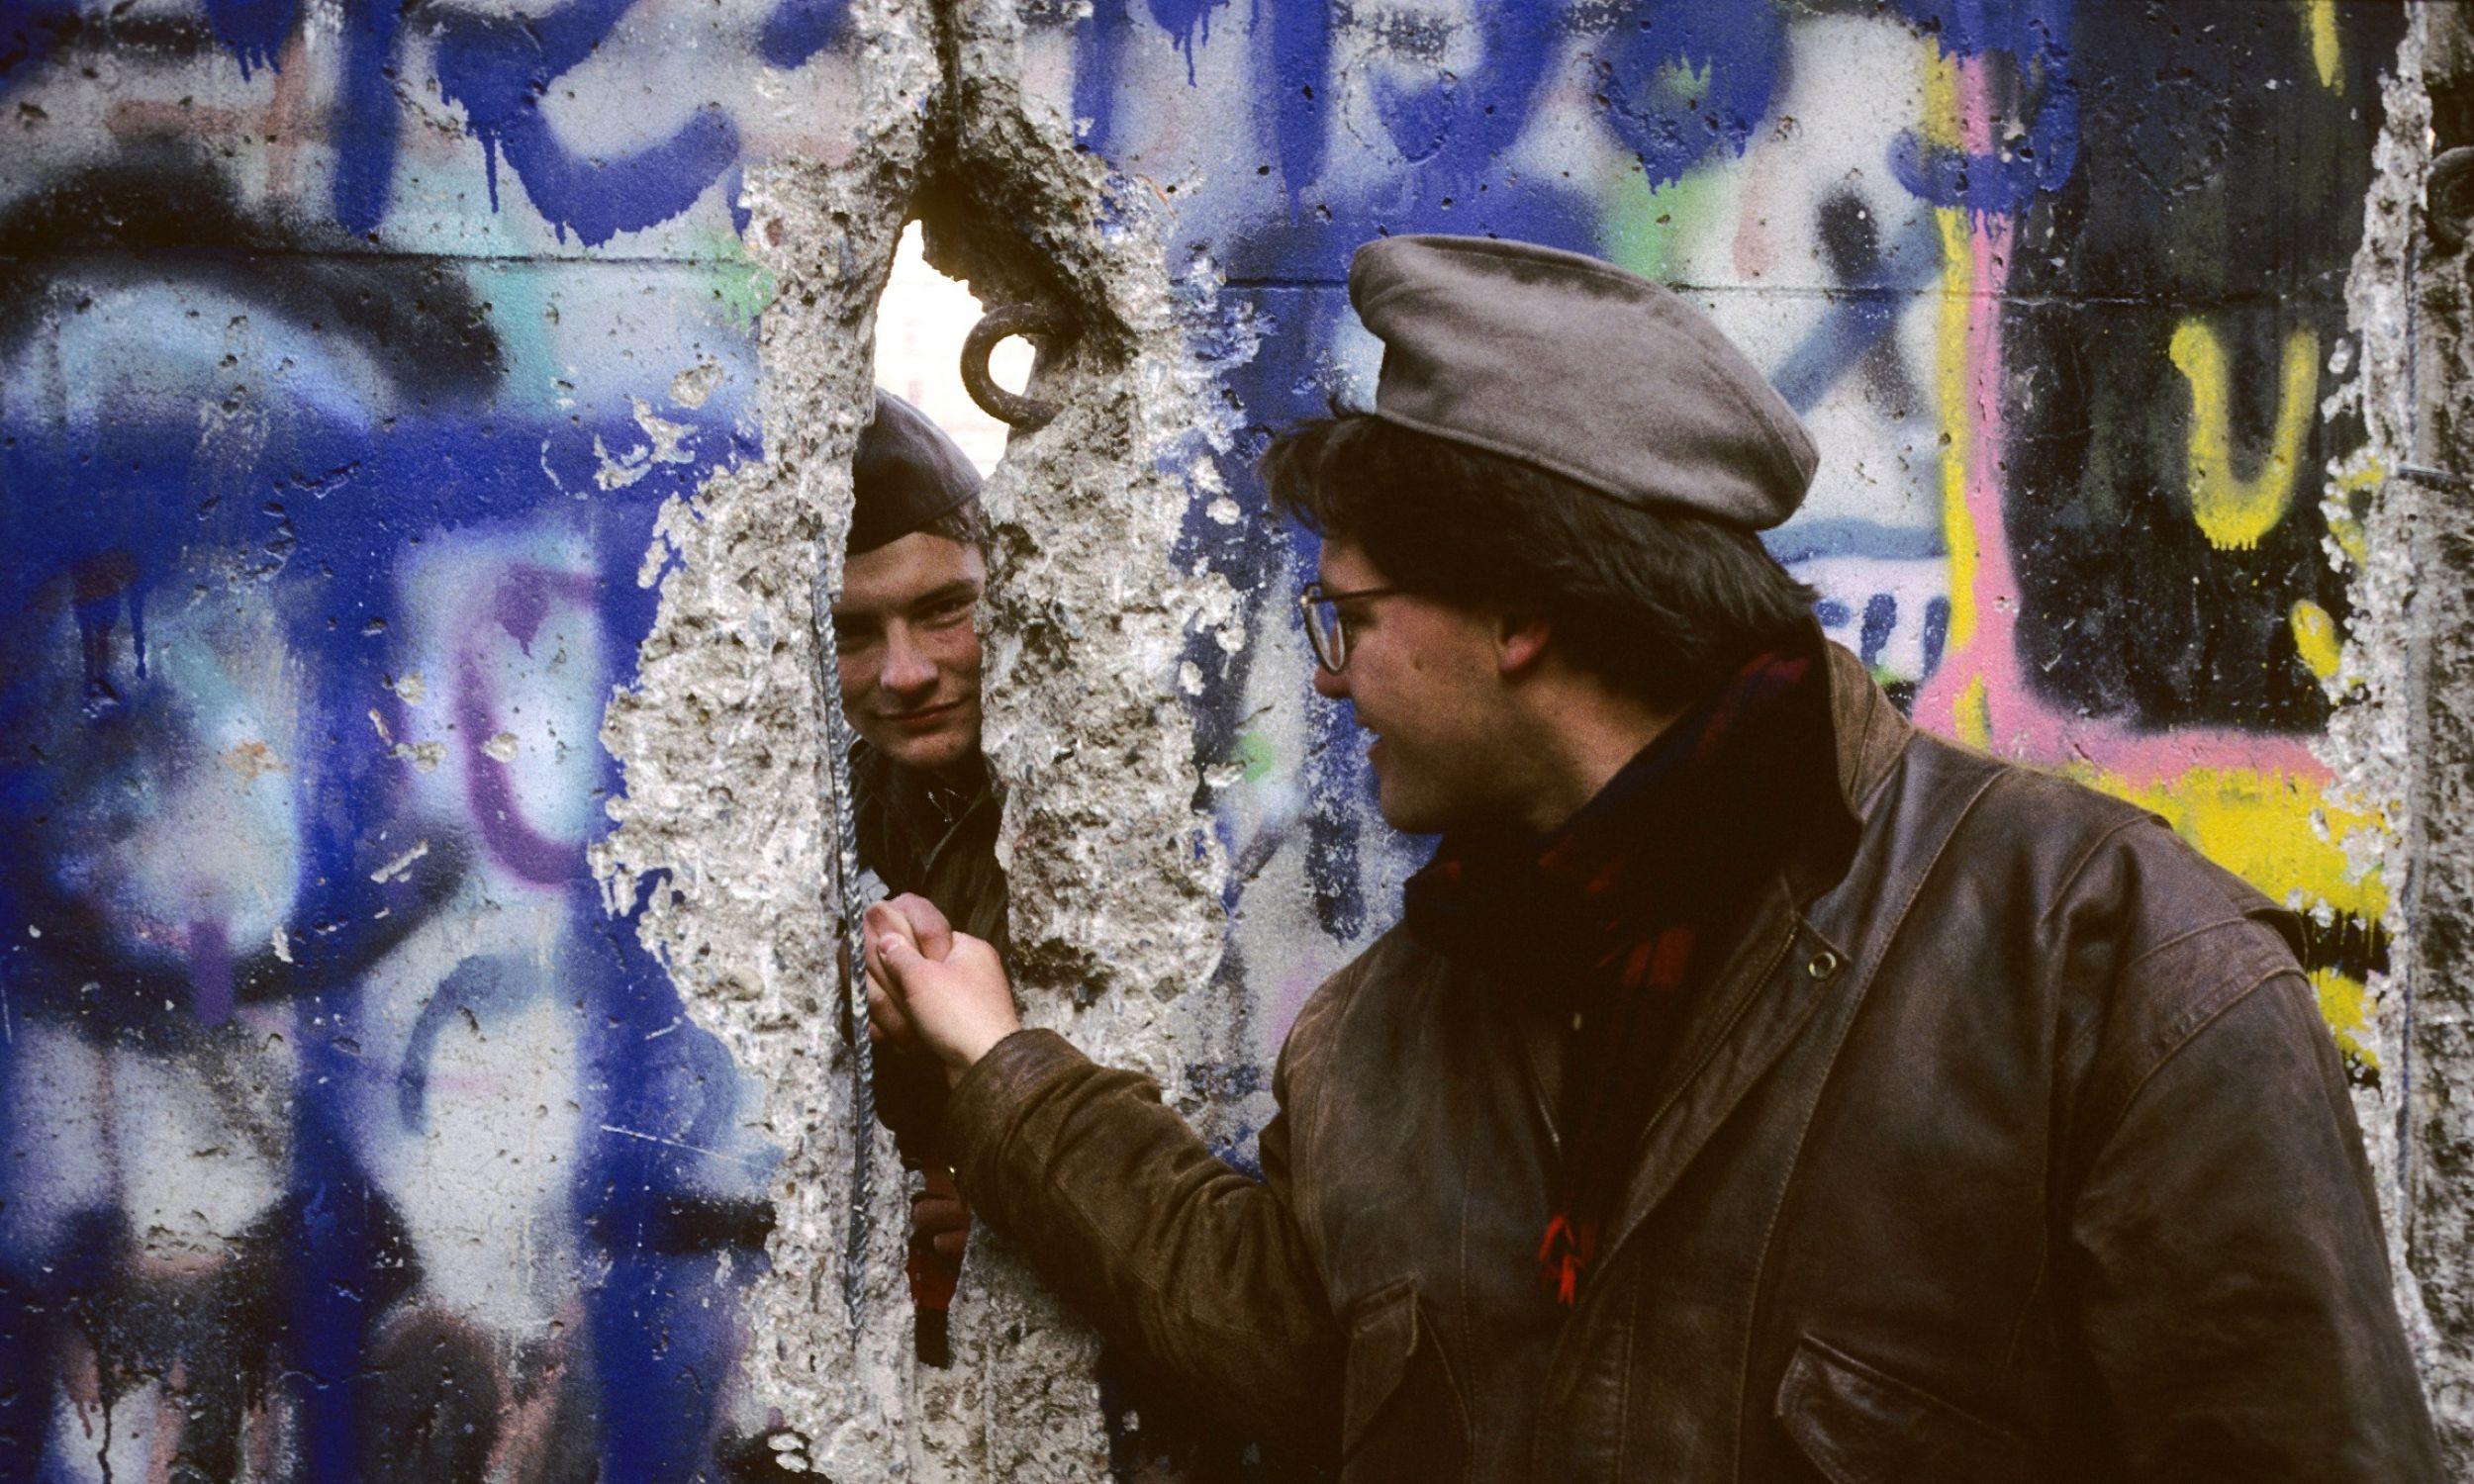 Rok 1989. Uścisk ręki przez mur. Fot. Francois LOCHON/Gamma-Rapho via Getty Images